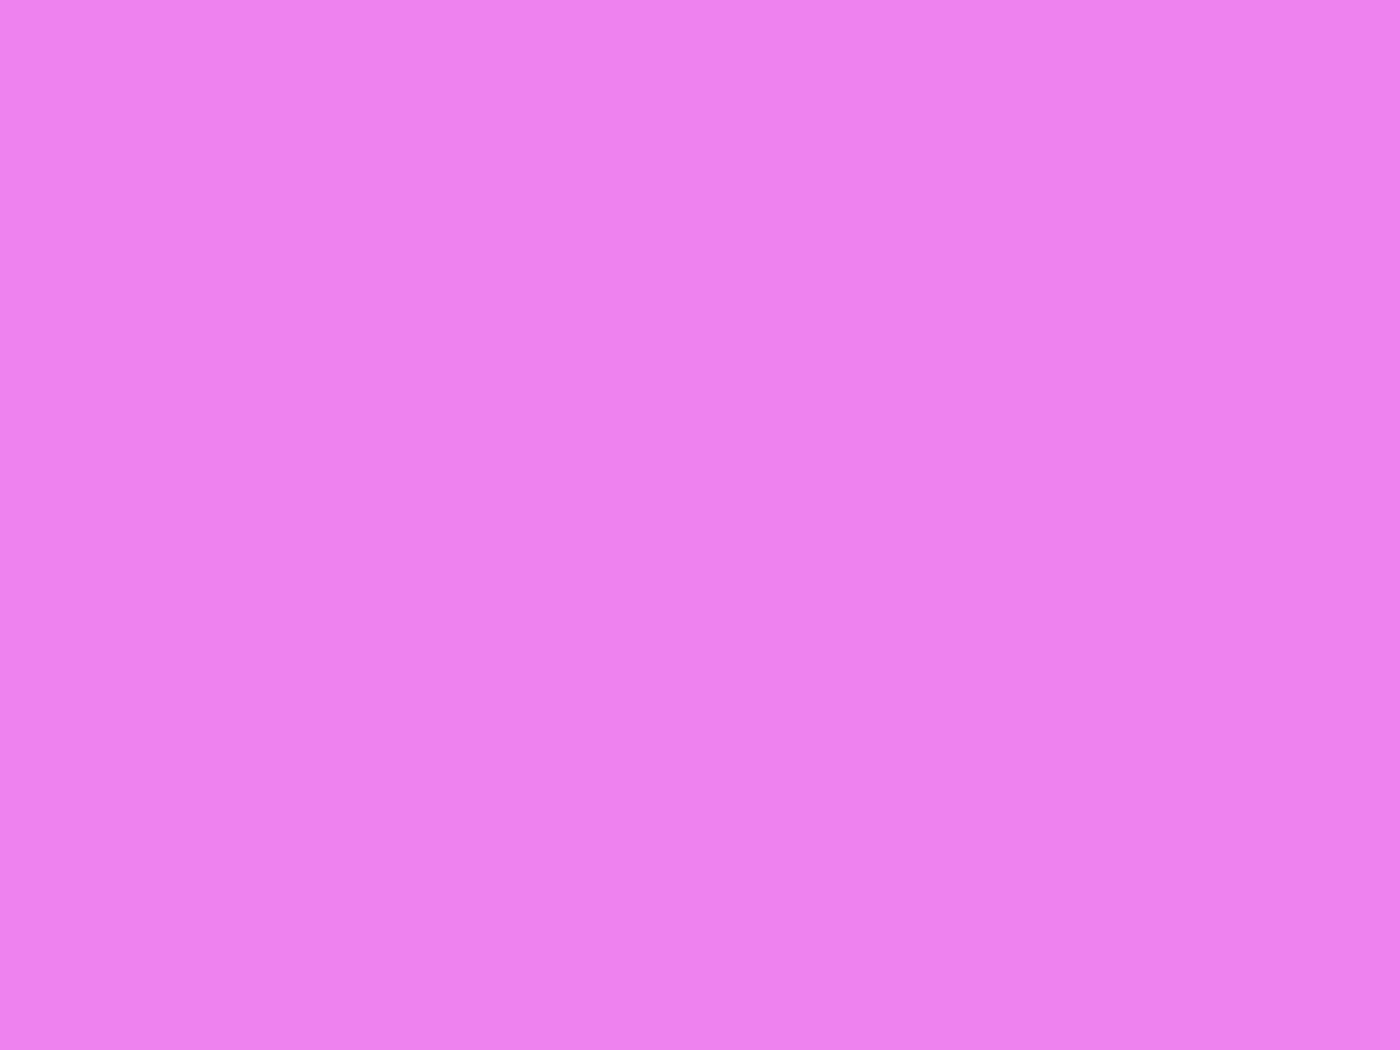 1400x1050 Lavender Magenta Solid Color Background